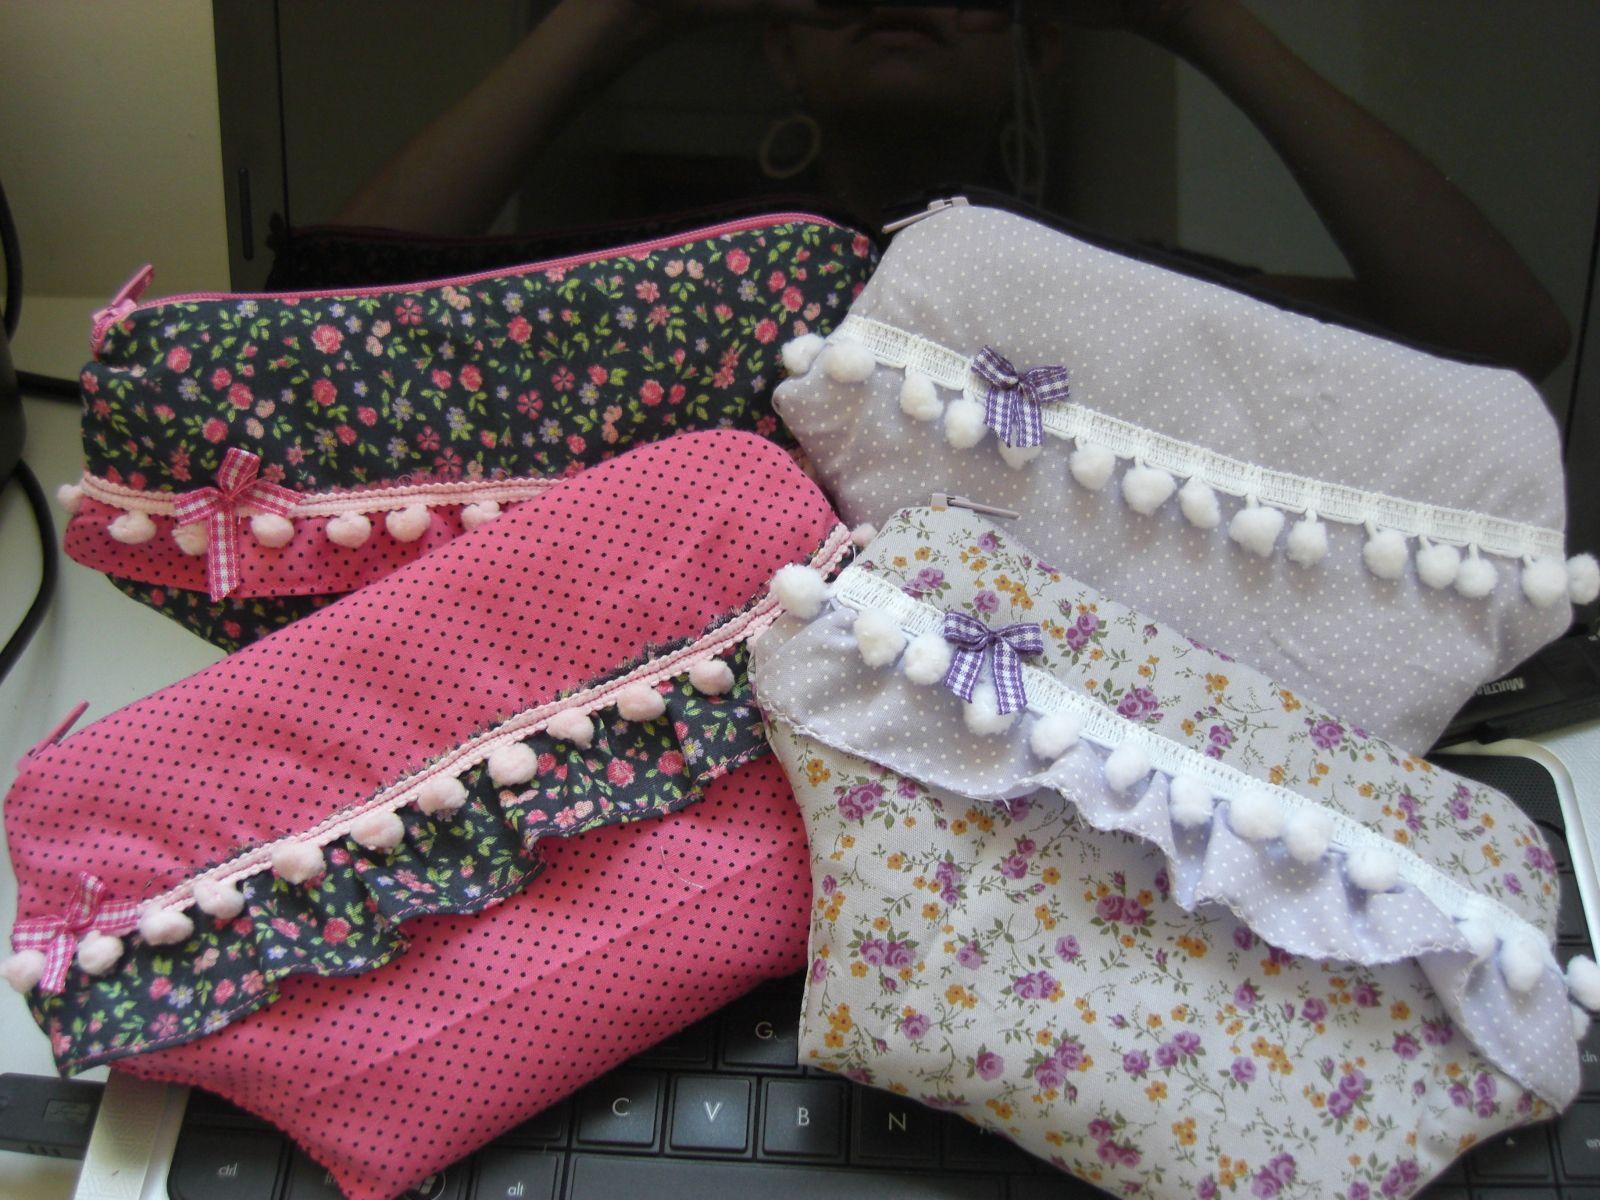 Bolsinhas em forma de calcinhas - um chuchu!!!